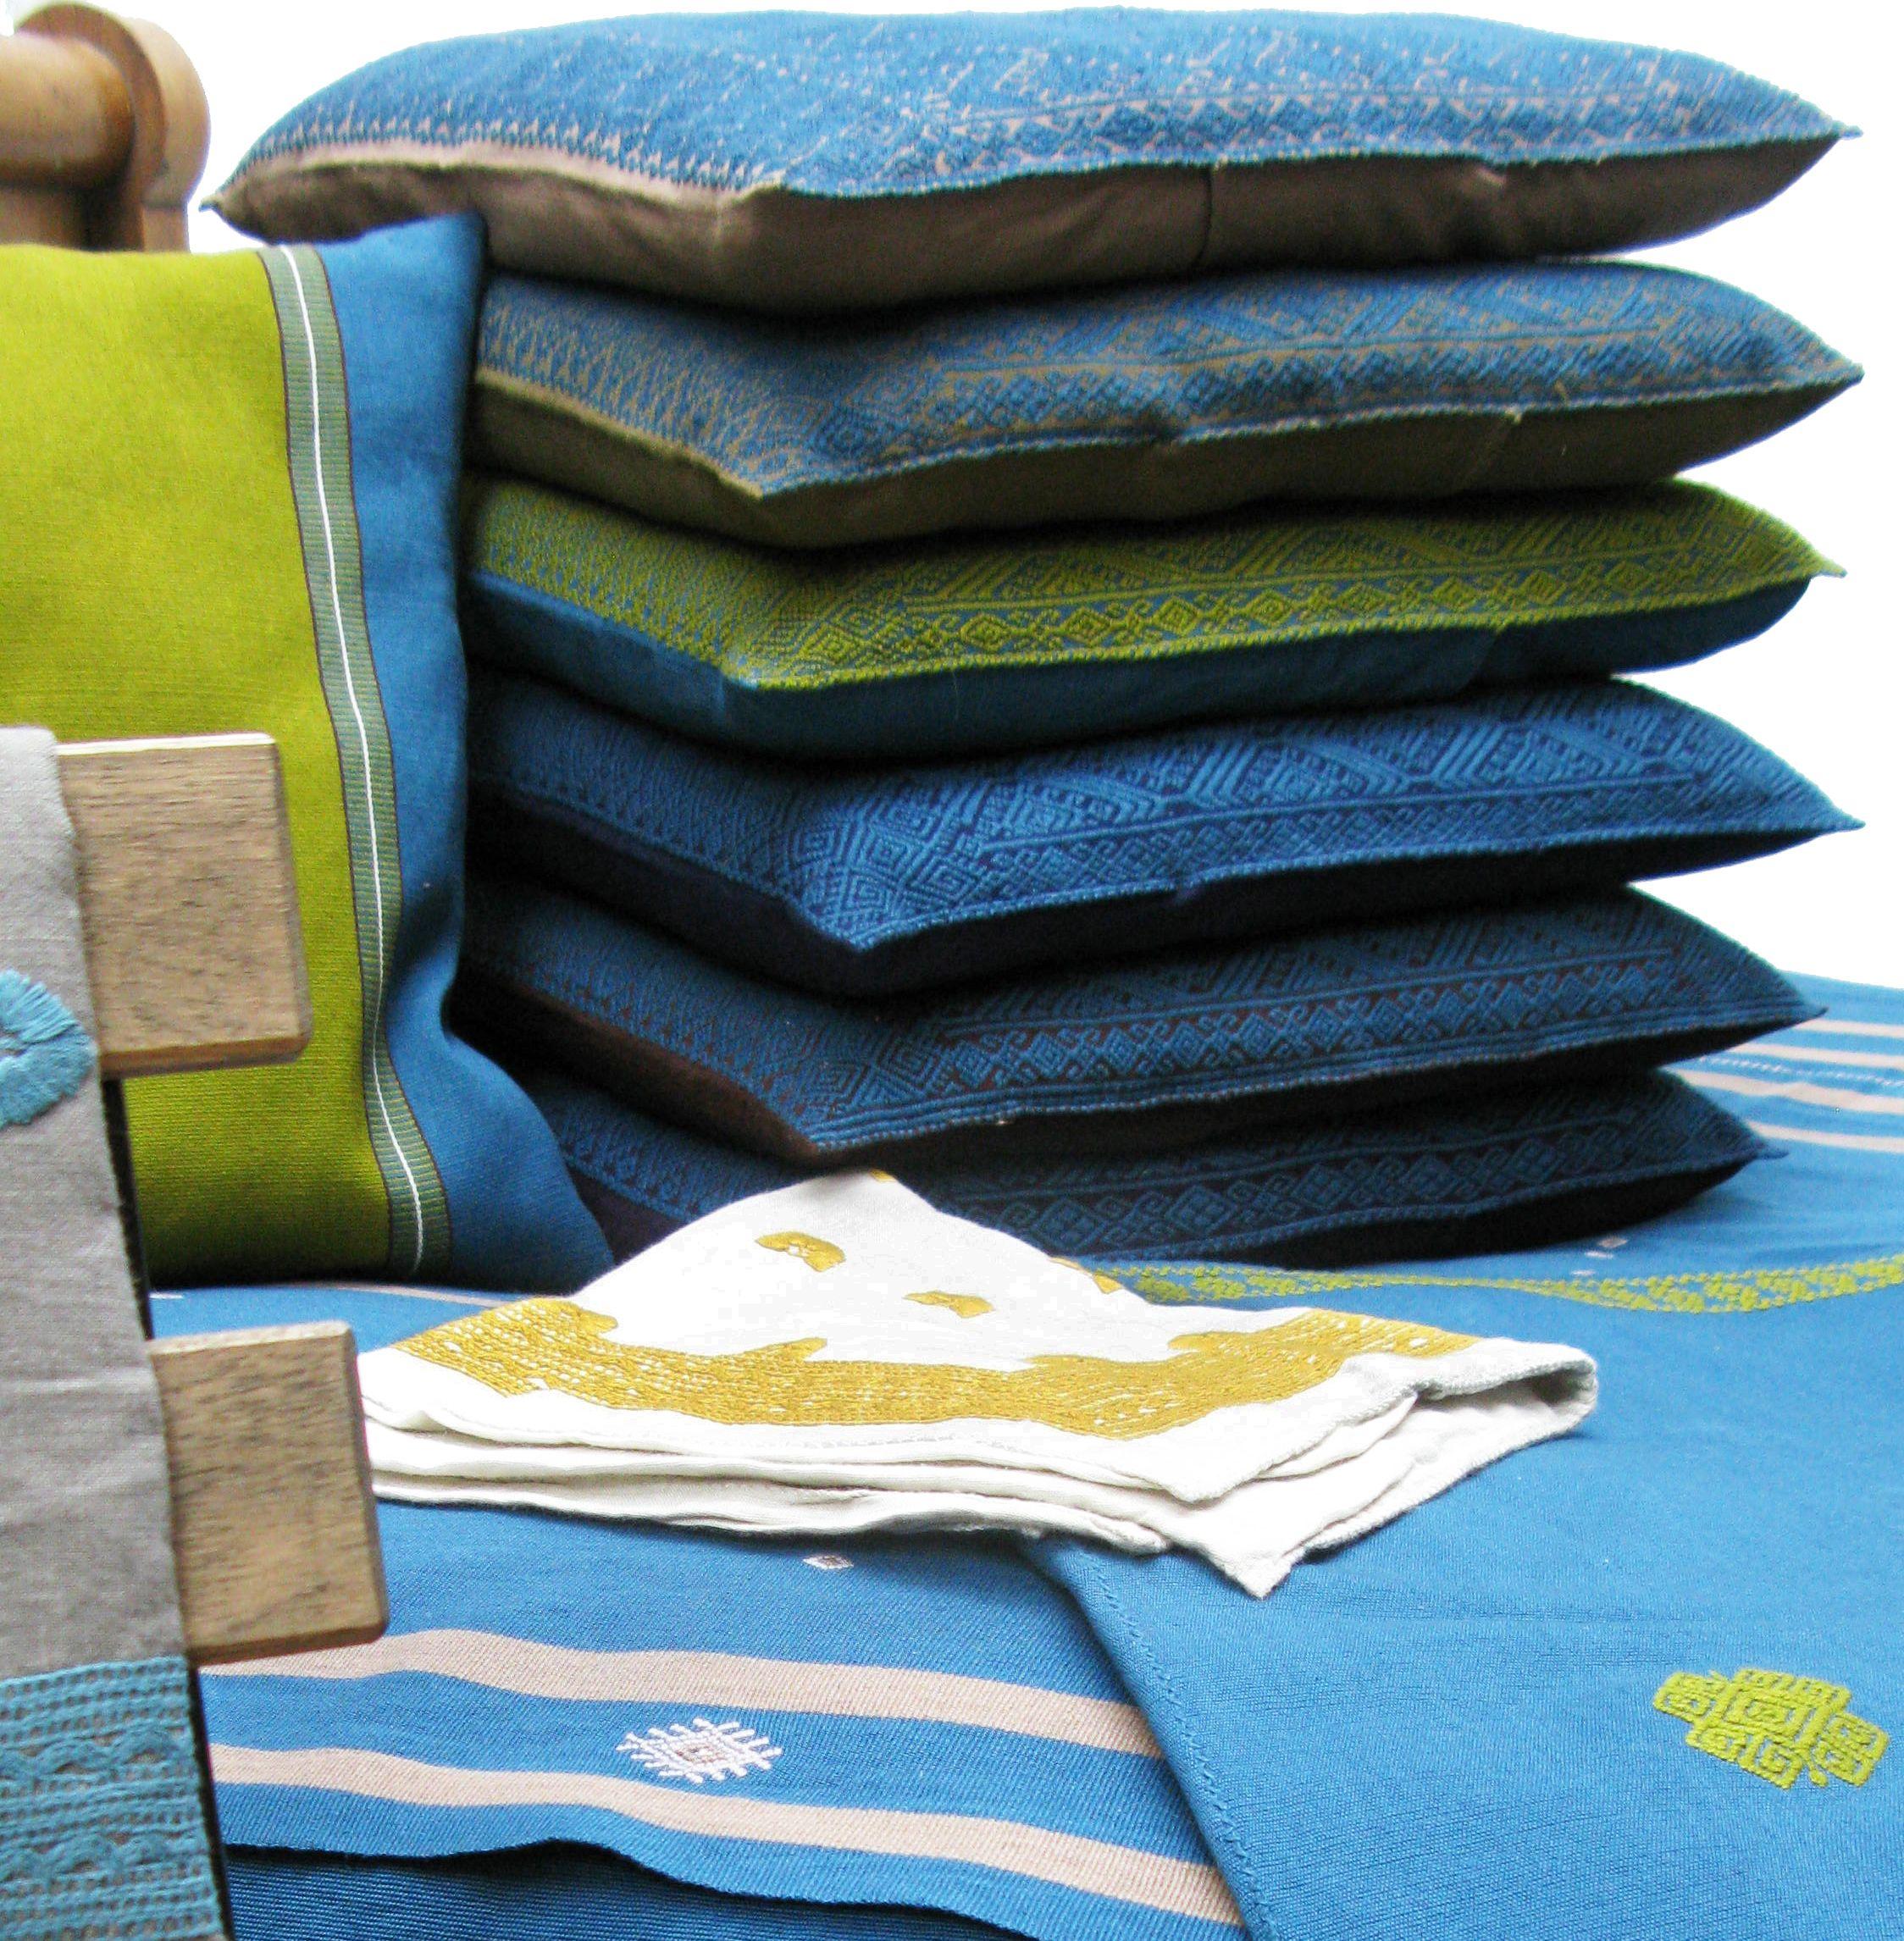 Coussin Brocado (du haut en bas): Café-quetzal, verde seco-quetzal, quetzal-mostaza, azul marino-quetzal, morado-quetzal